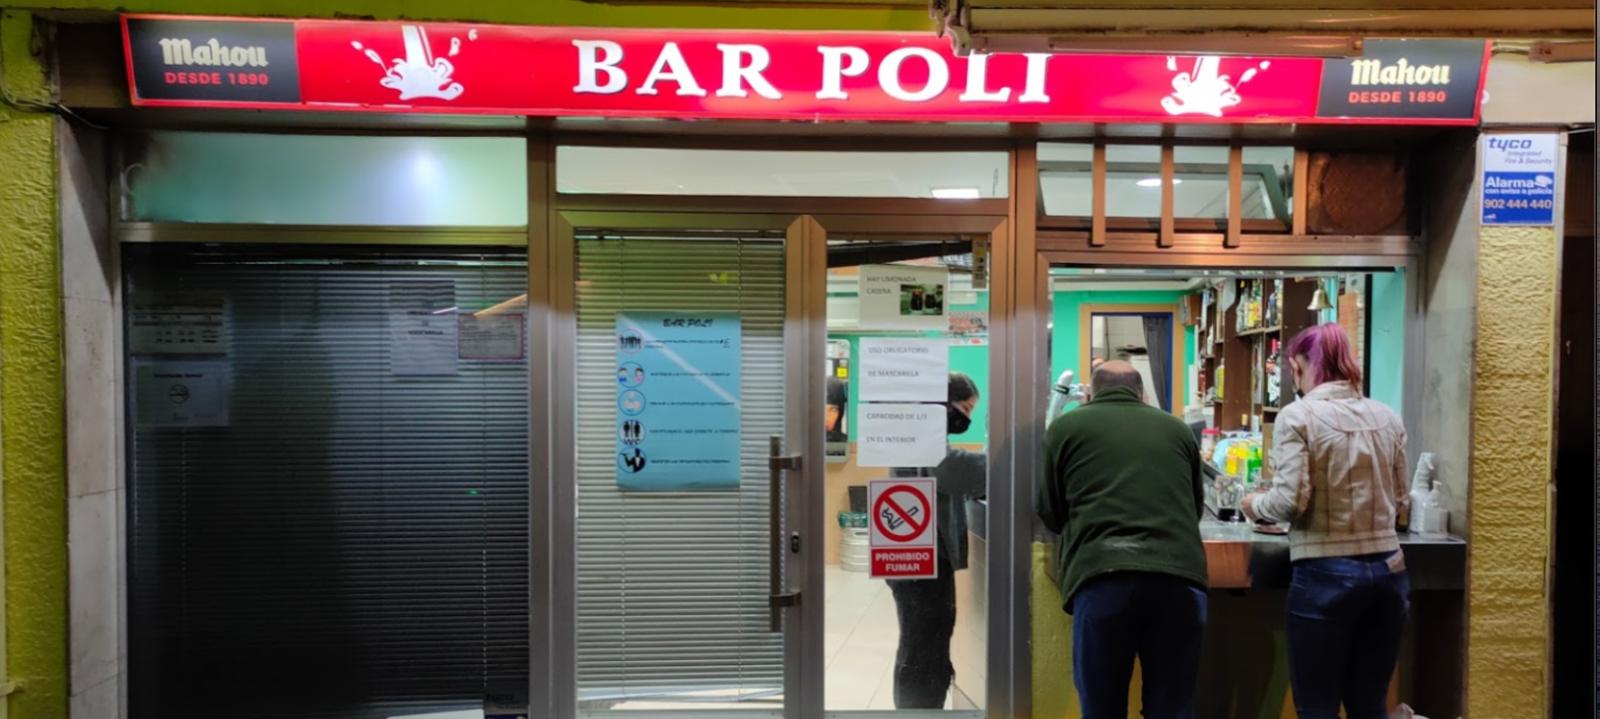 Bar Poli